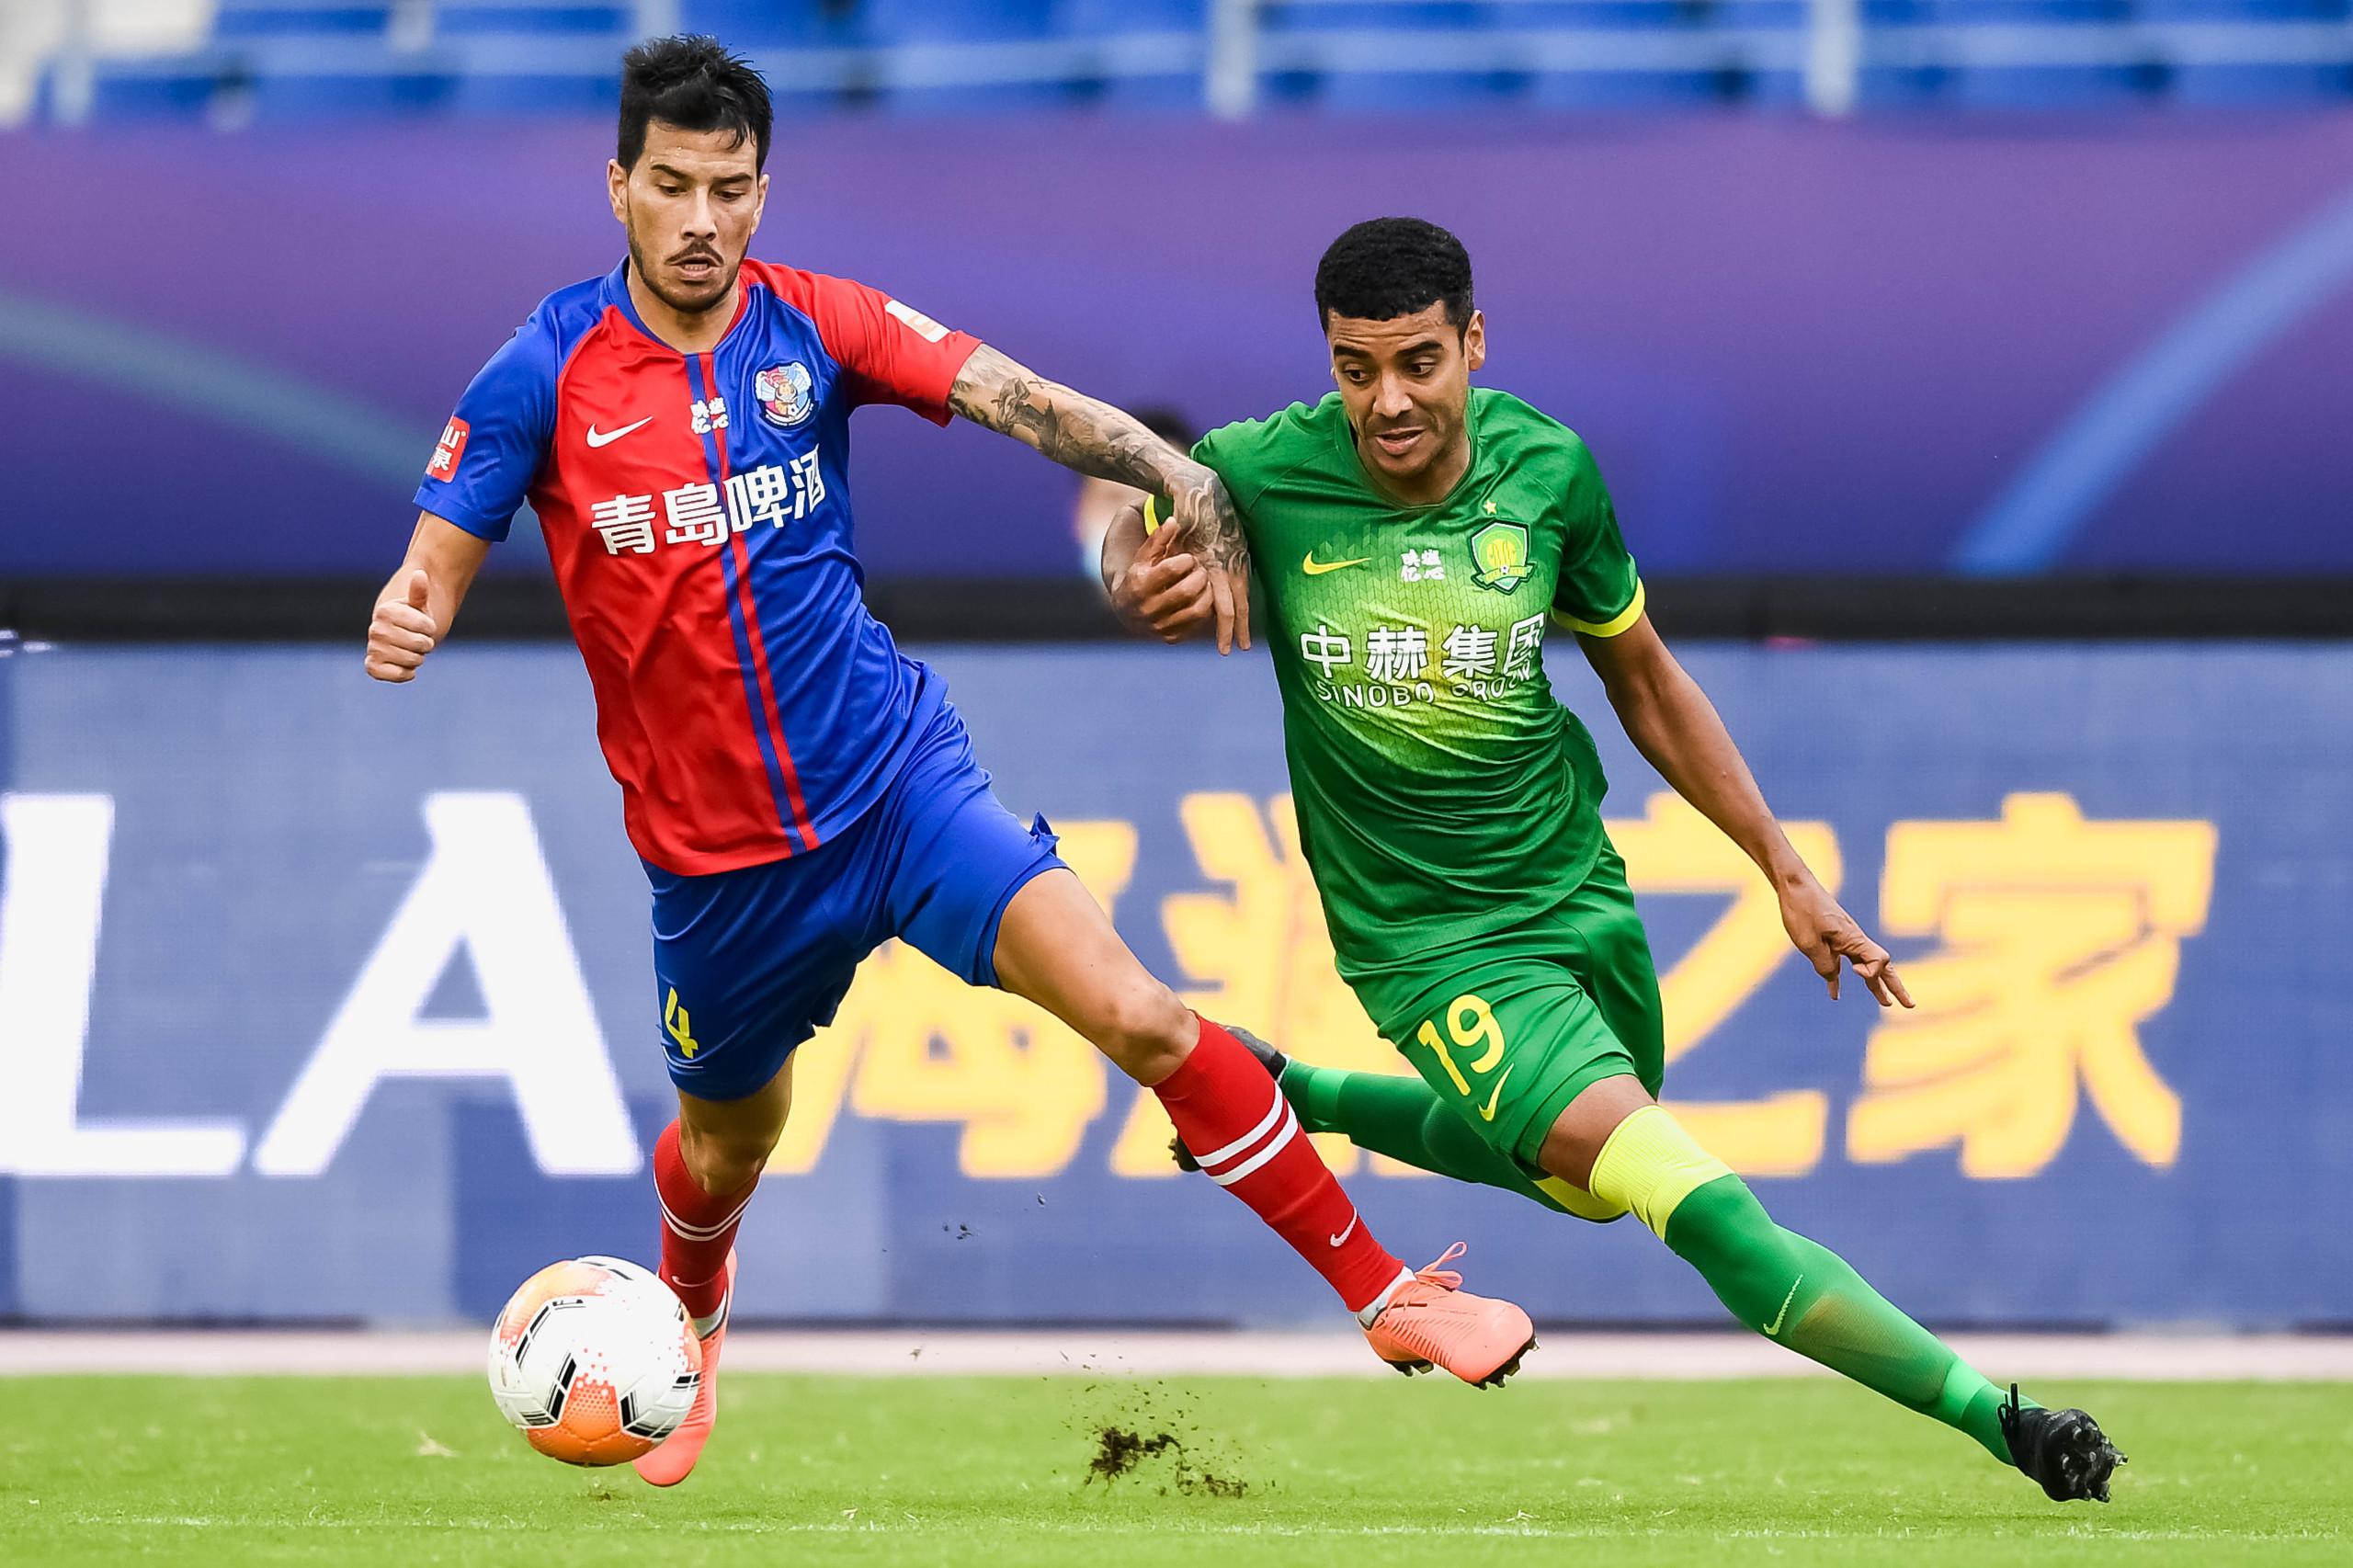 半场:比埃拉费尔南多进球傲骨伤退,国安3-0黄海